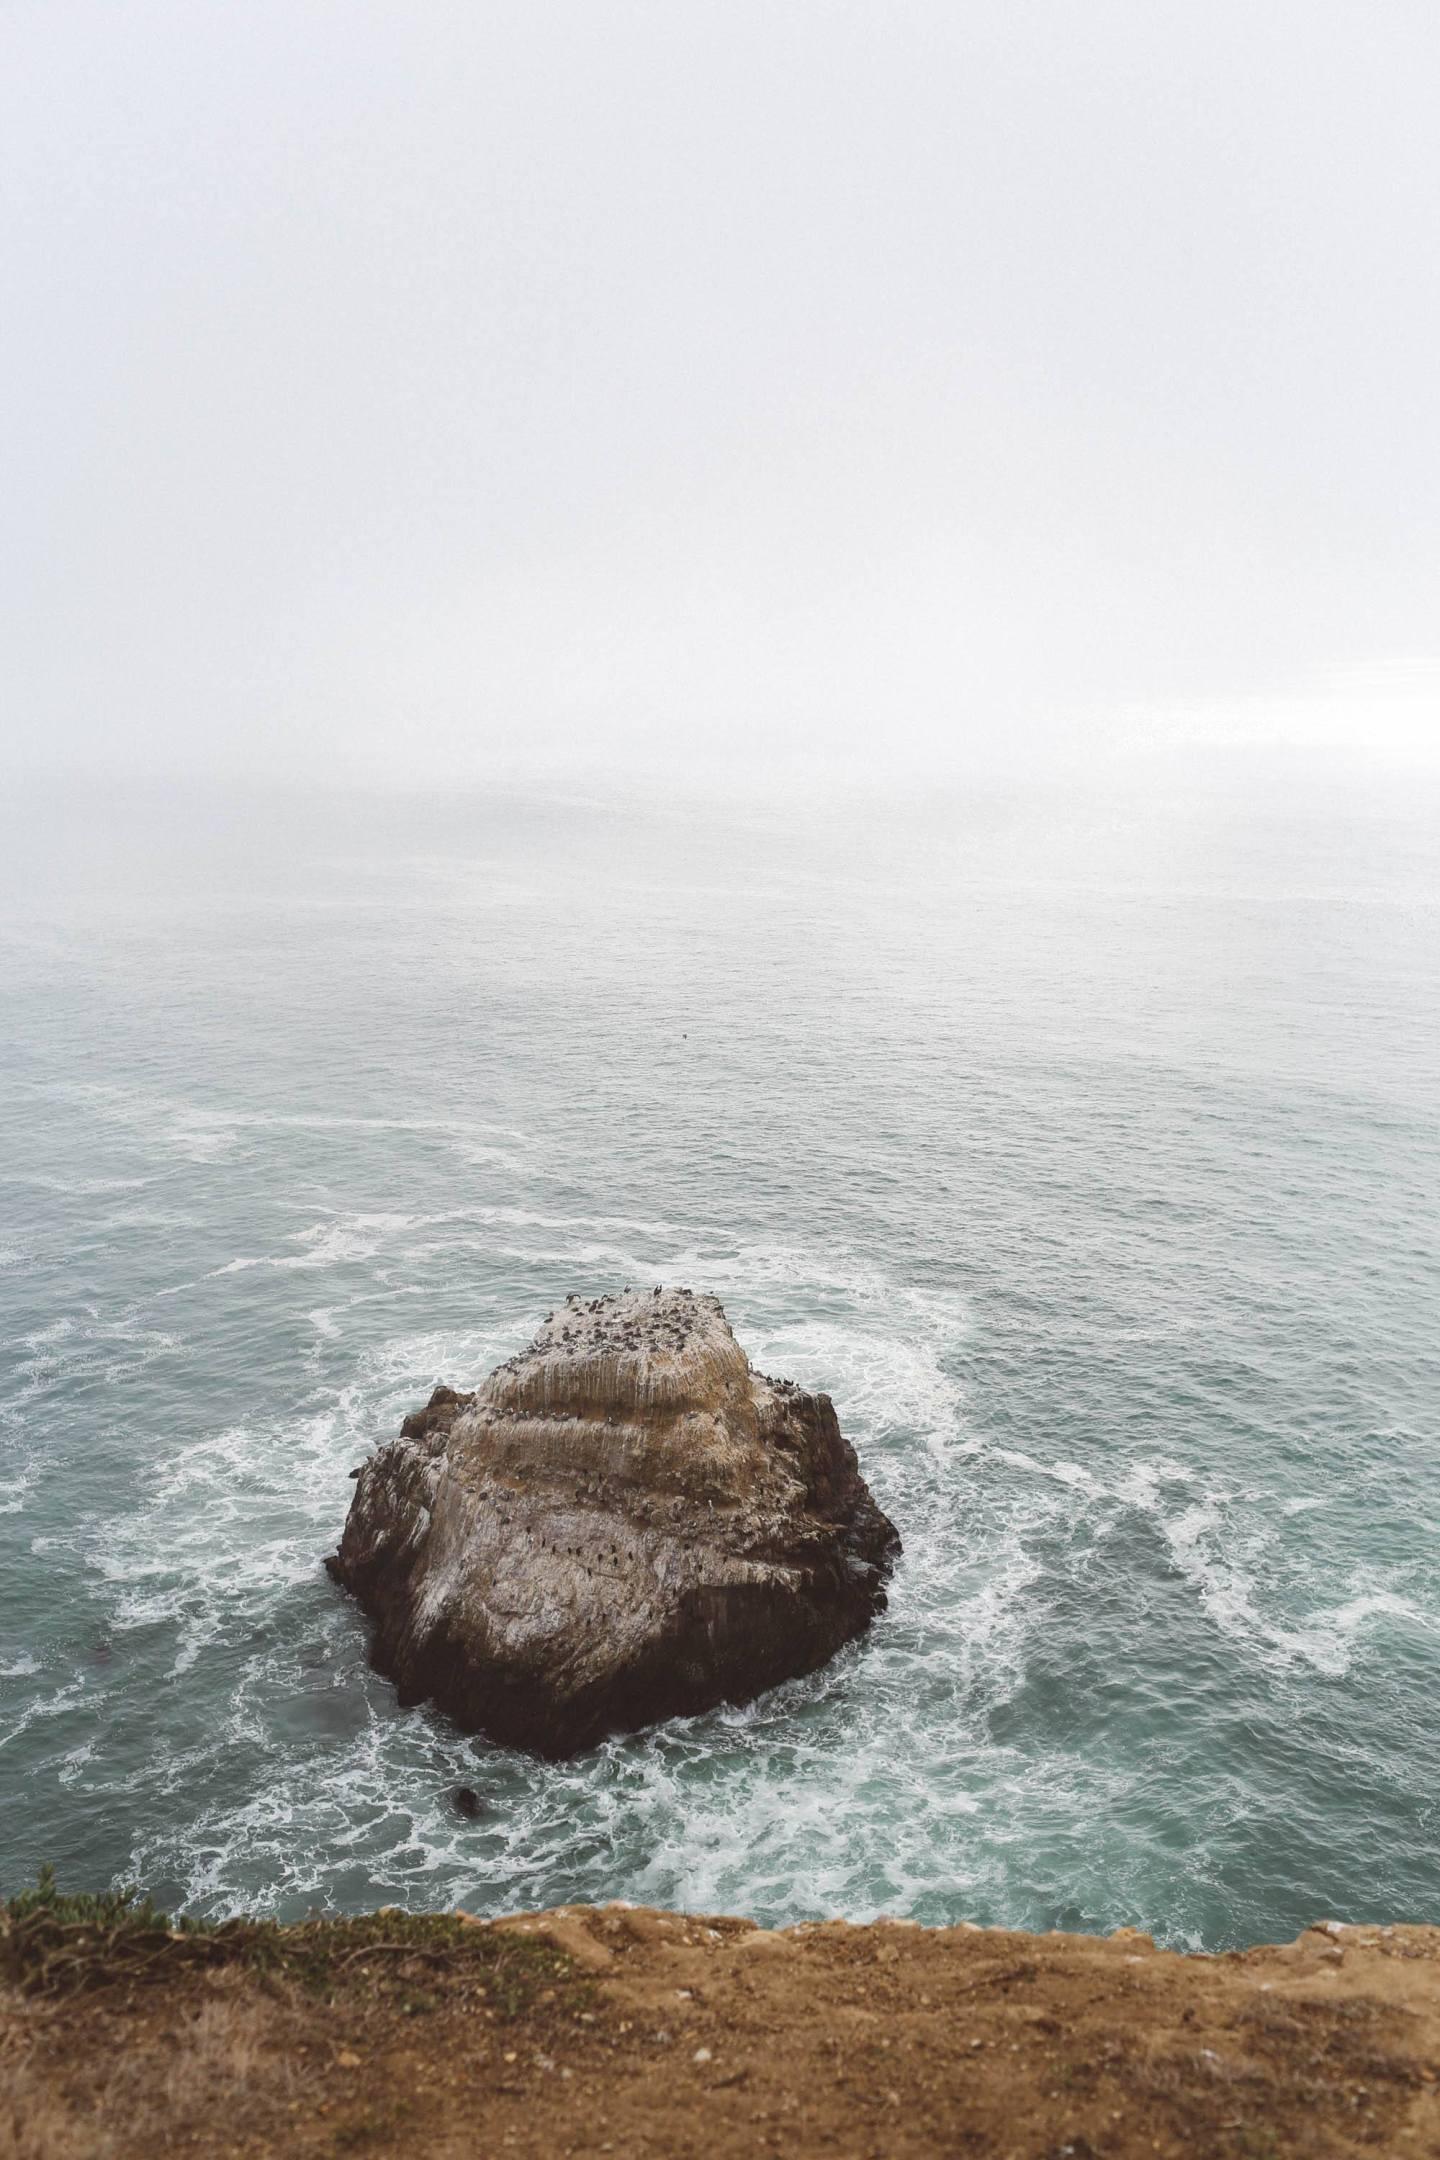 Ocean waves rocks